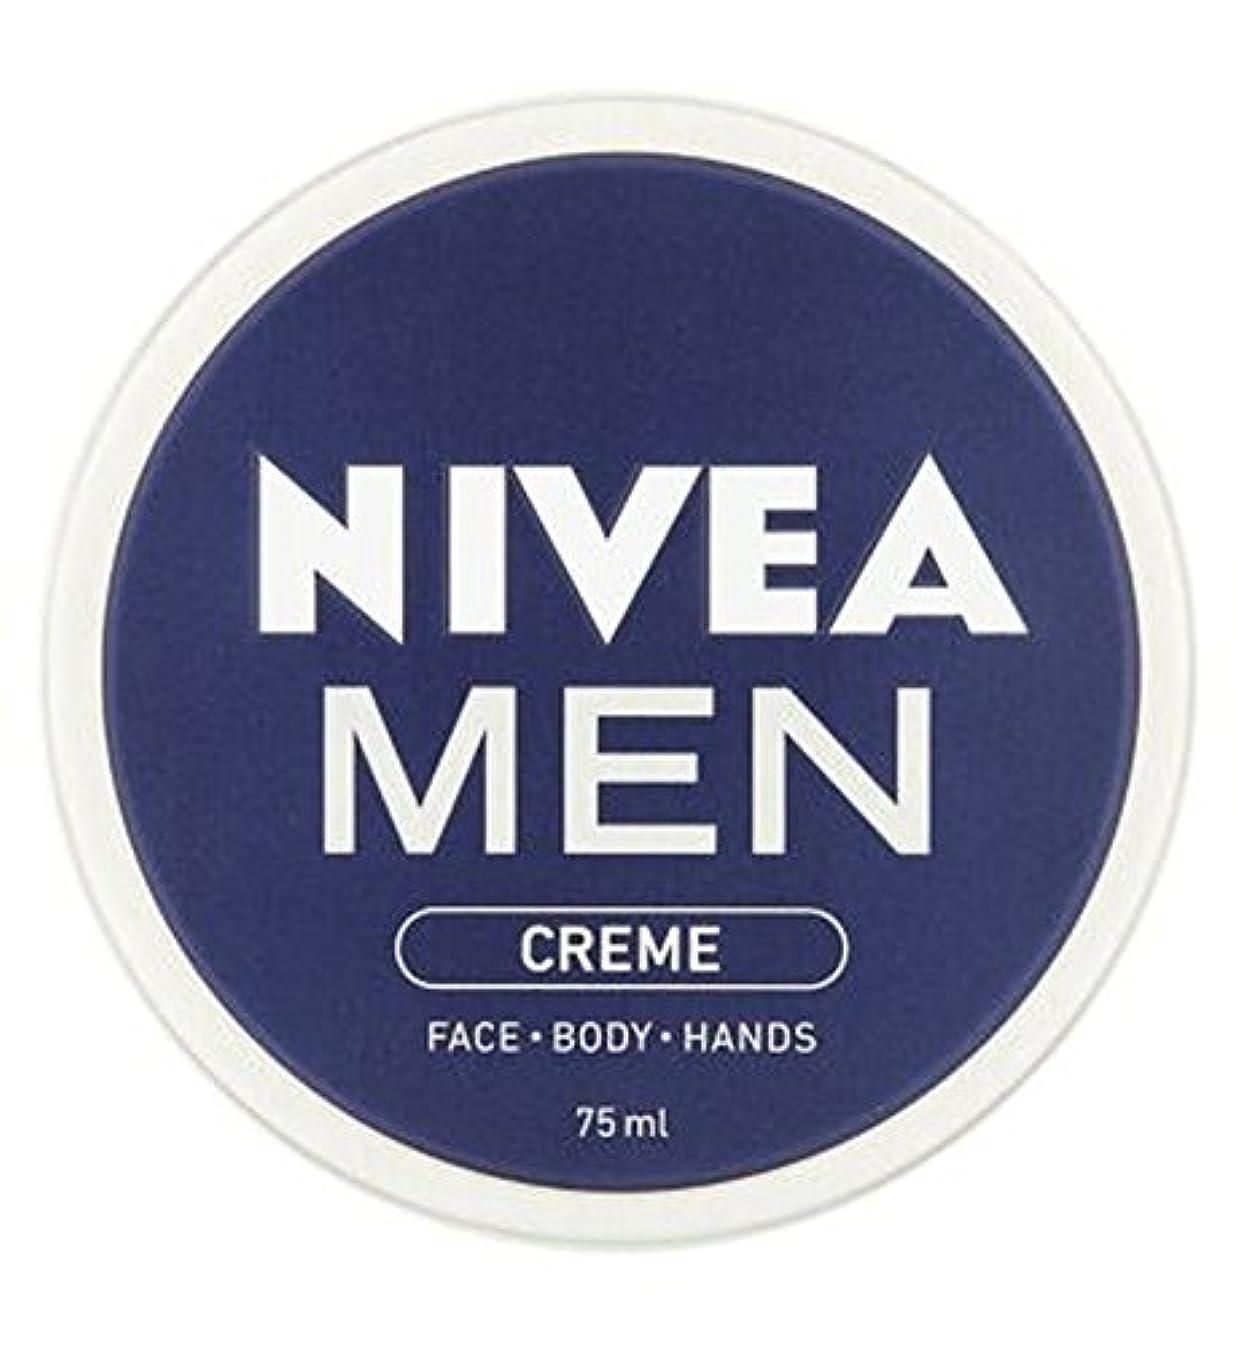 転倒合理化汚れたNIVEA MEN Creme 75ml - ニベアの男性は75ミリリットルをクリーム (Nivea) [並行輸入品]